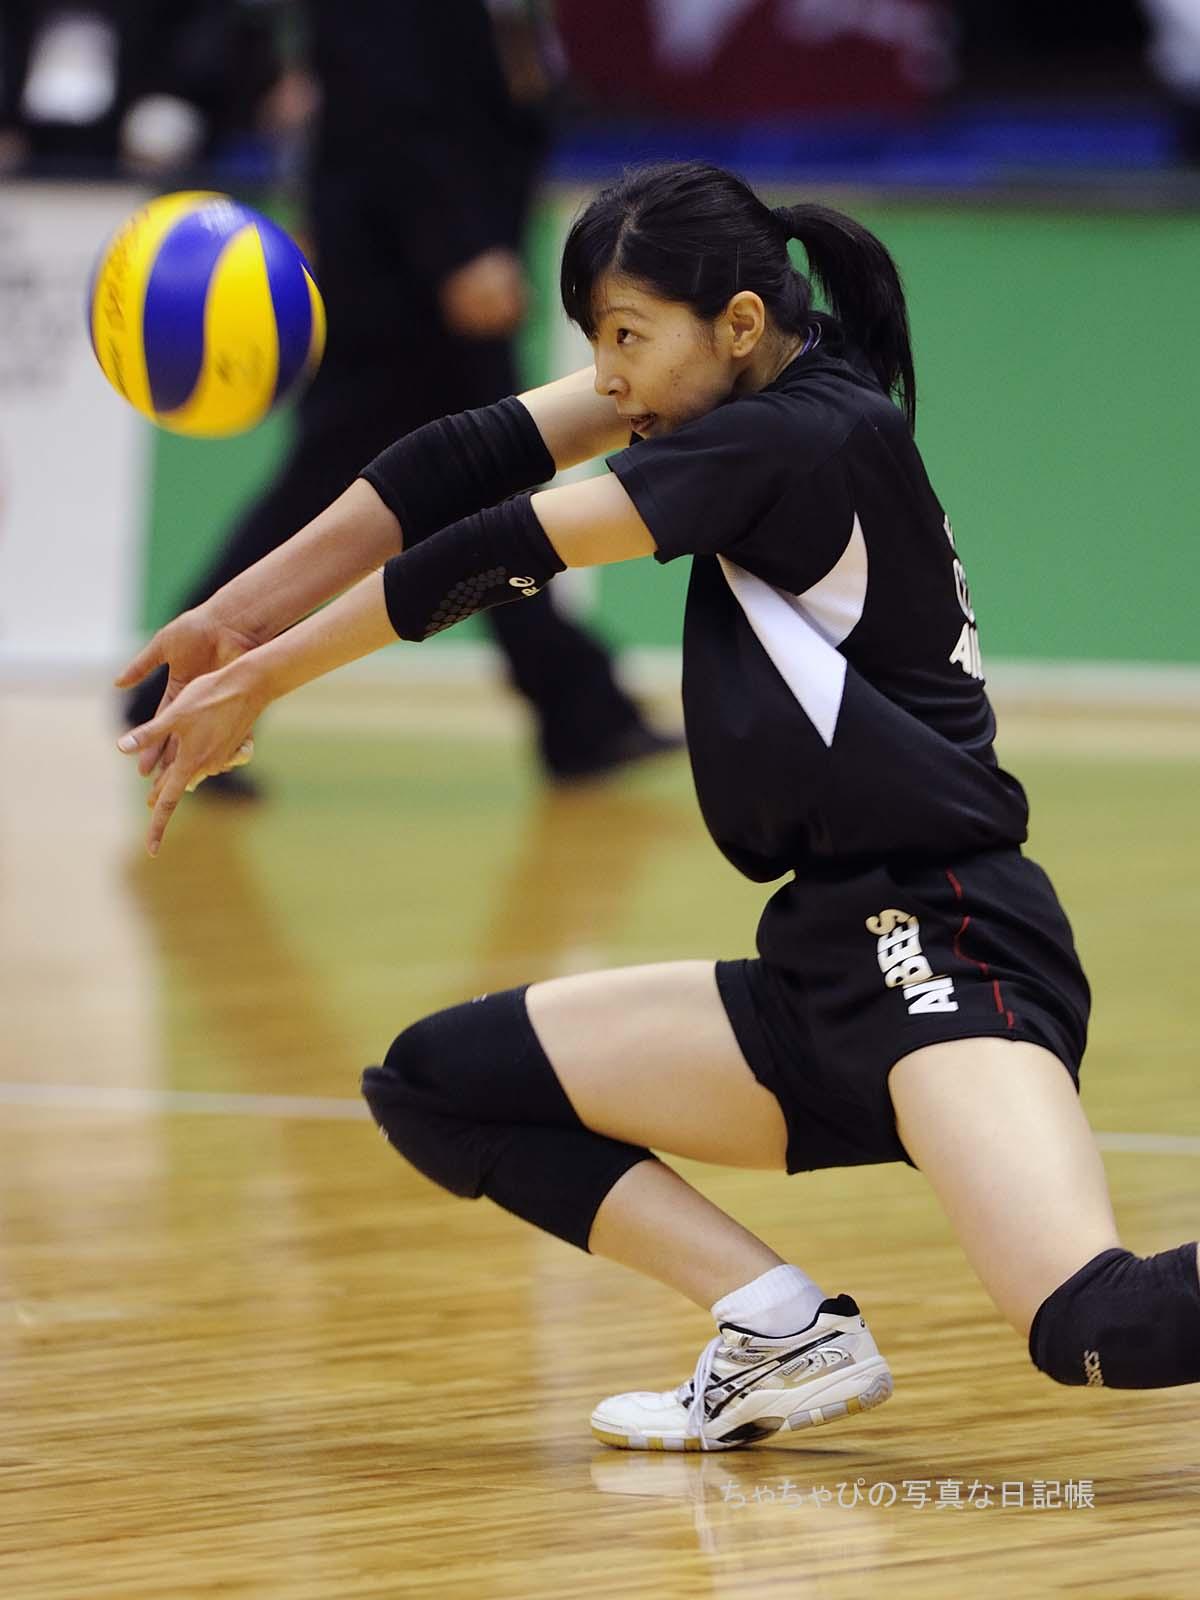 石井里沙選手